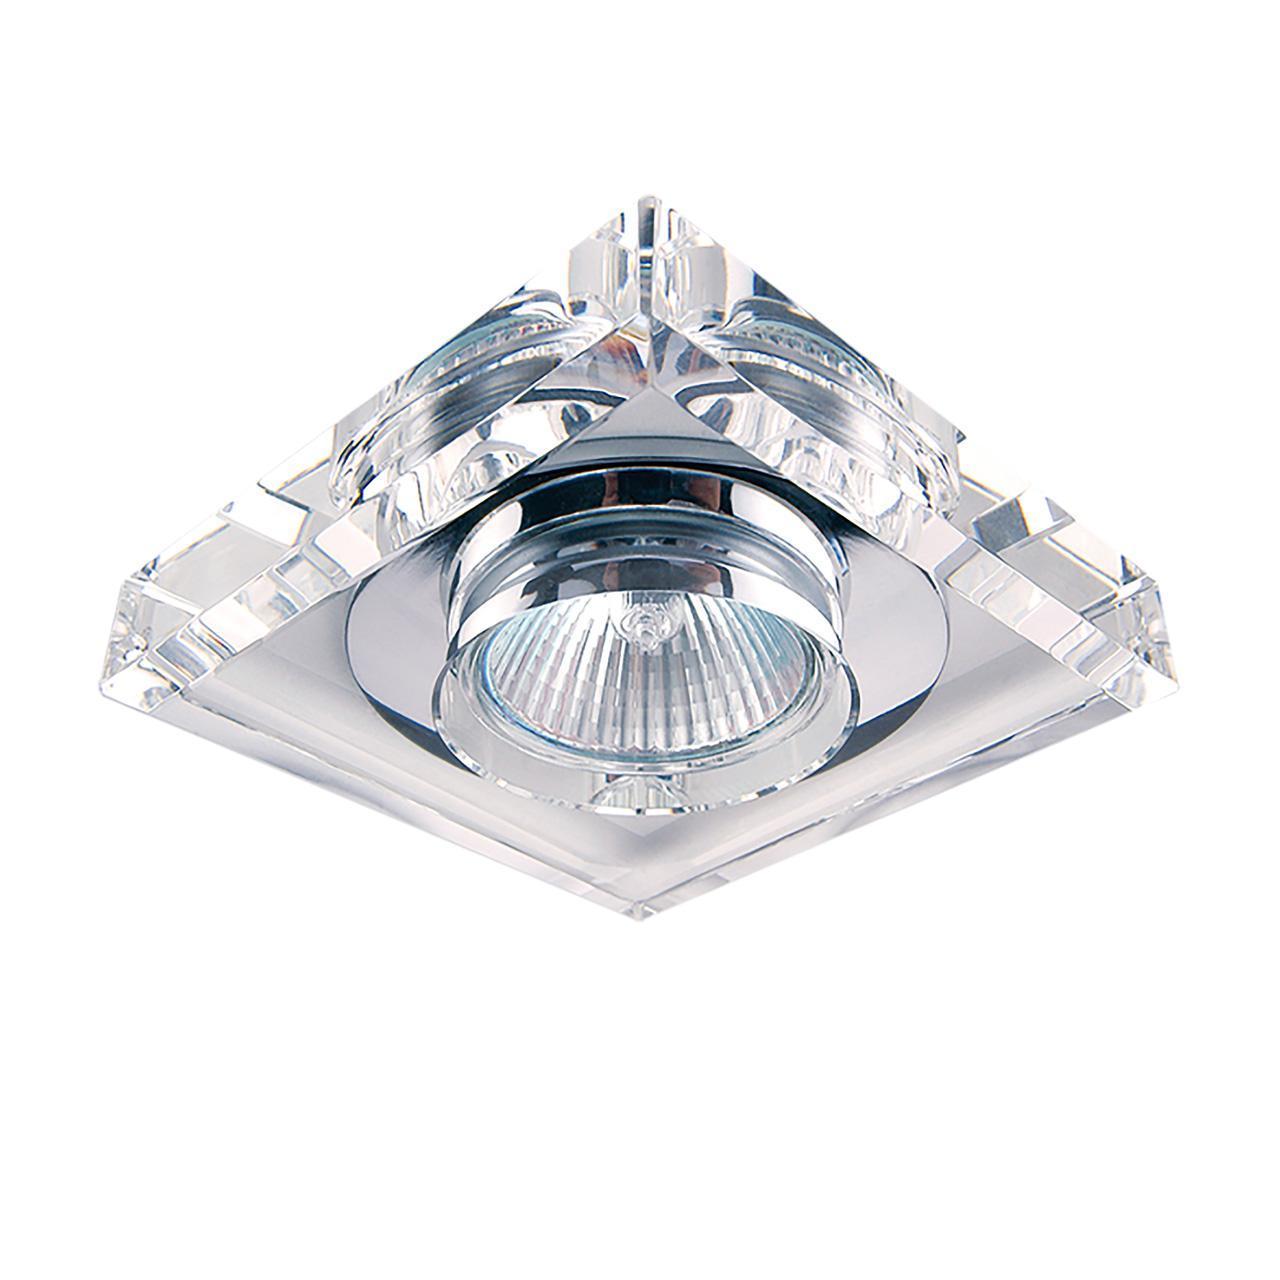 Встраиваемый светильник Lightstar Solo 002050 встраиваемый светильник lightstar solo 002050